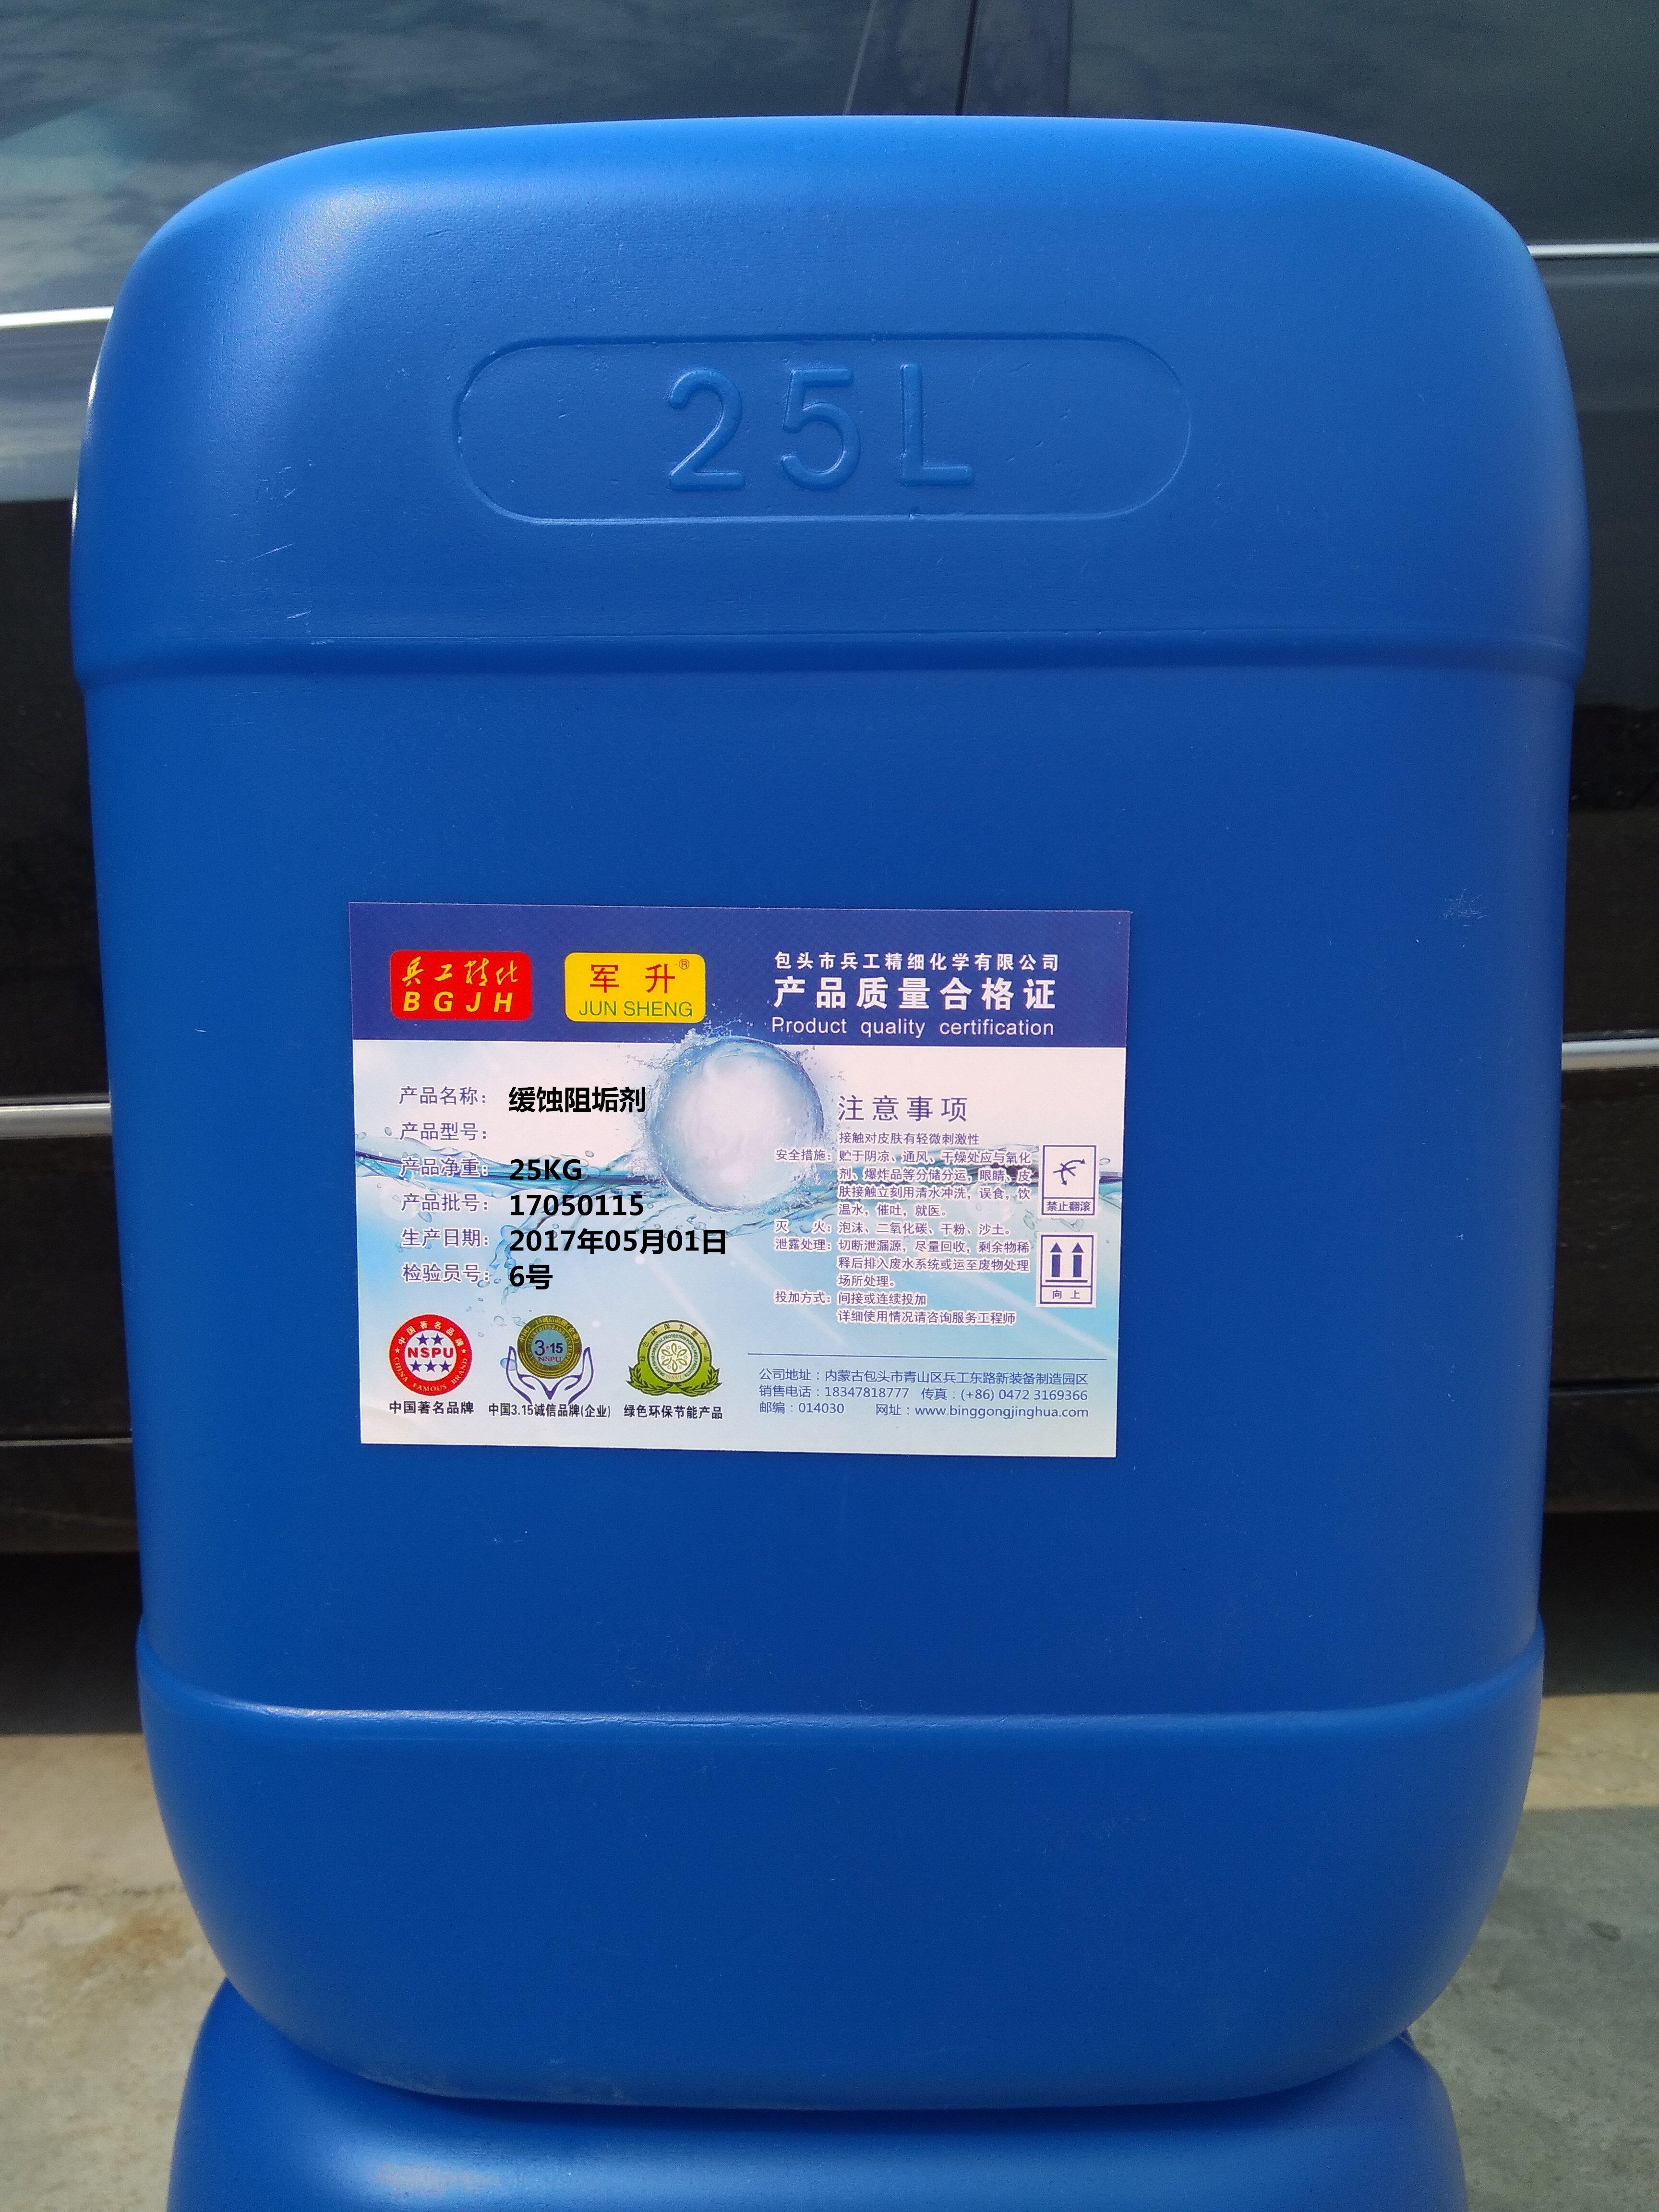 缓蚀阻垢剂锅炉阻垢剂